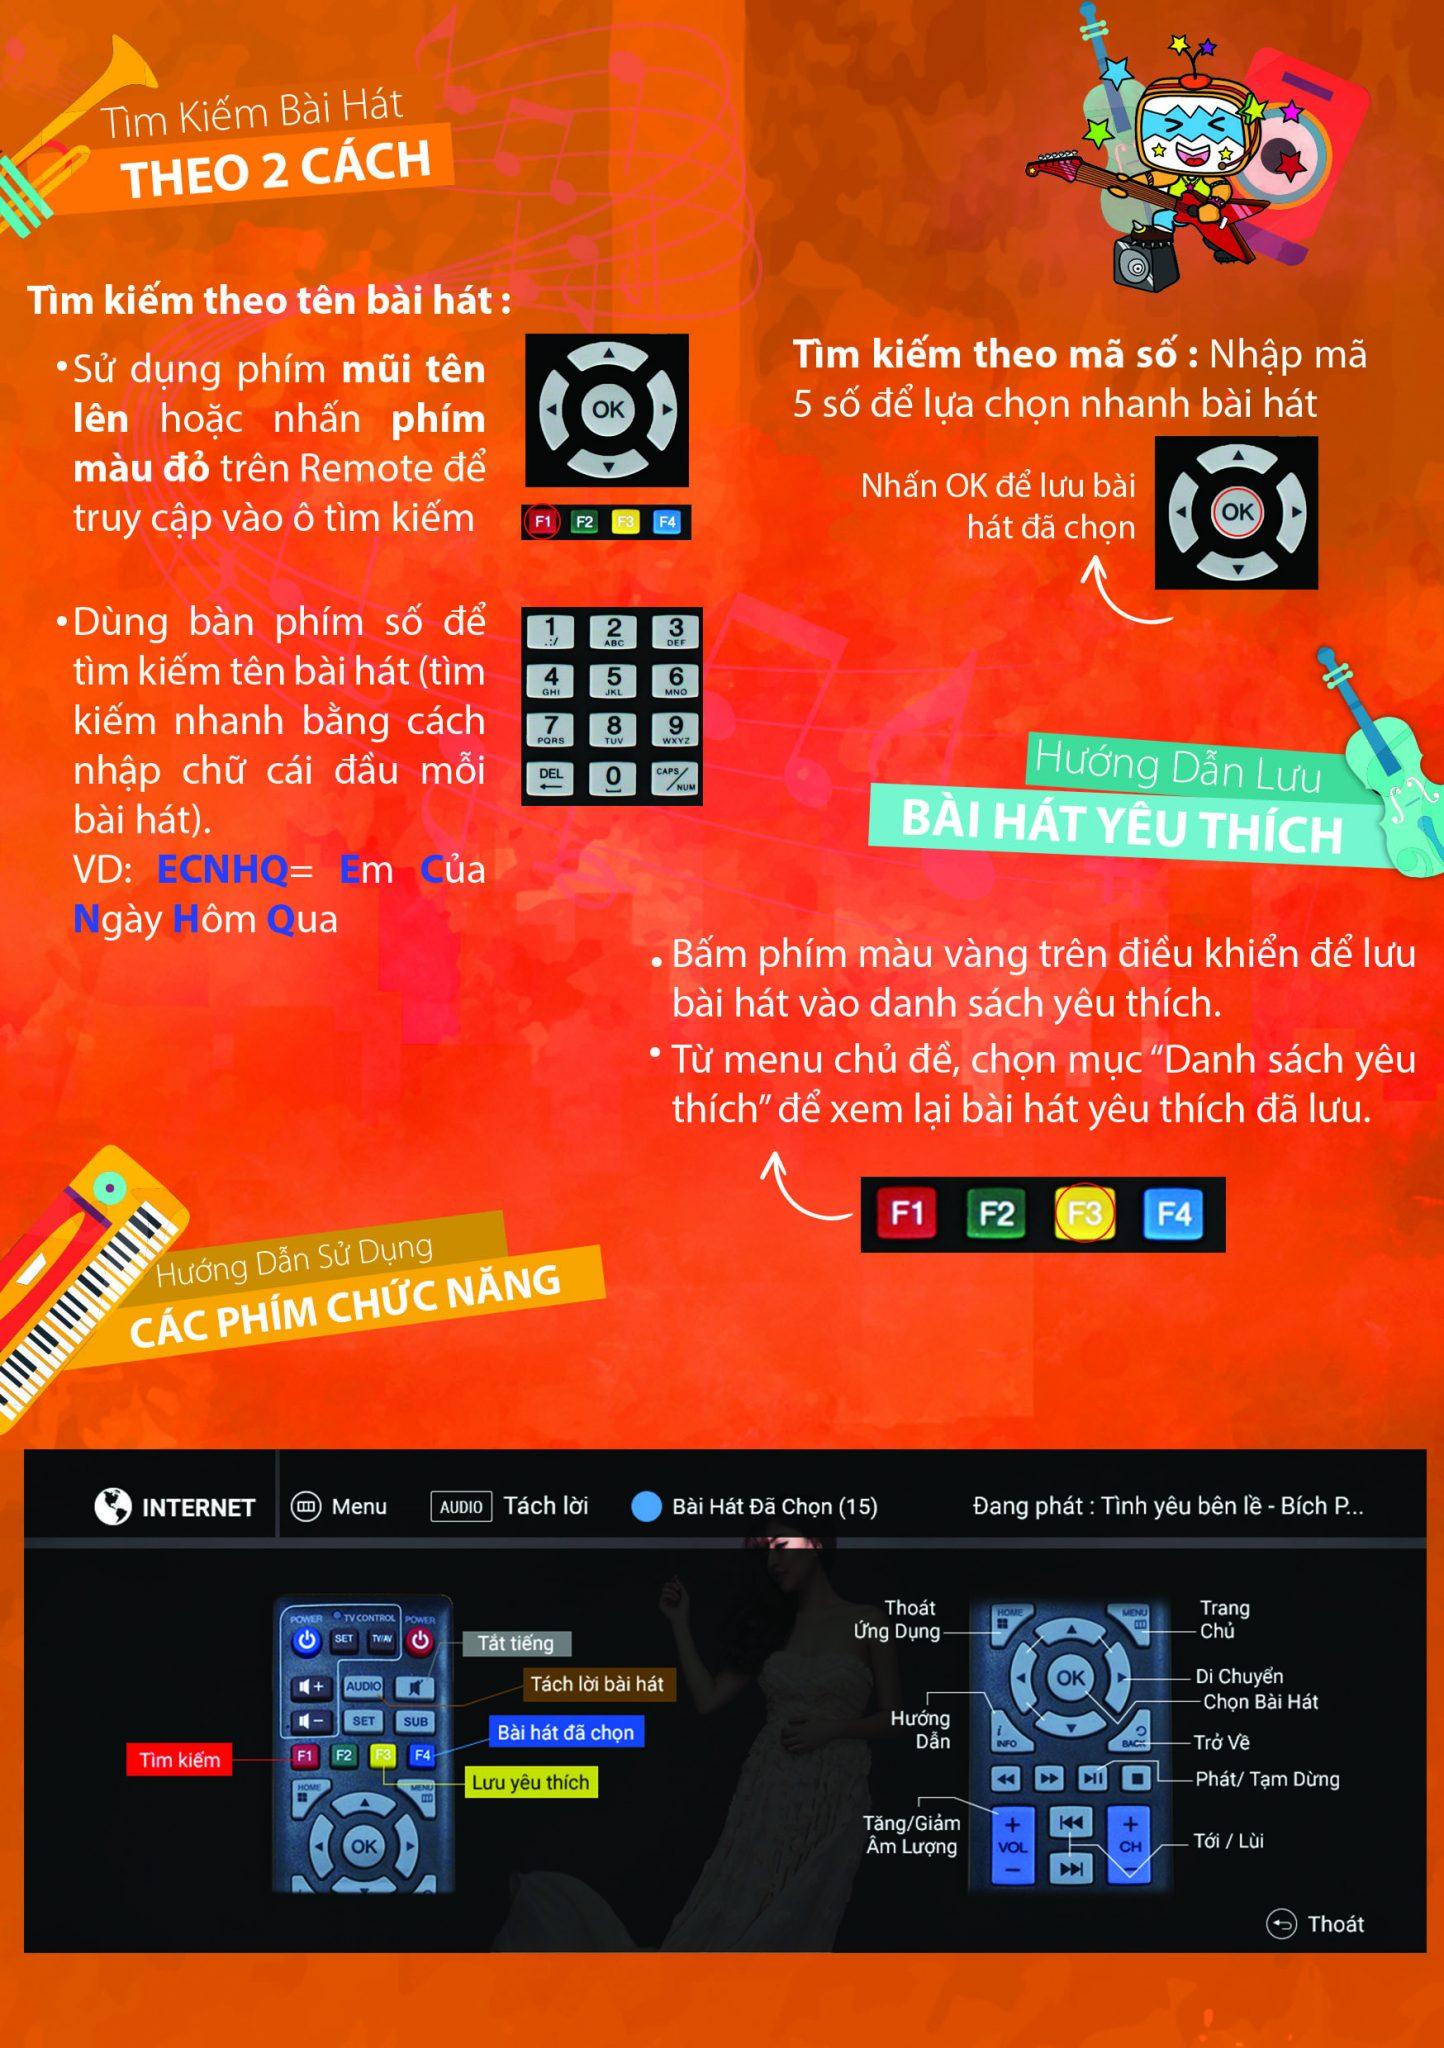 hướng dẫn sử dụng tìm bài hát trên karativi